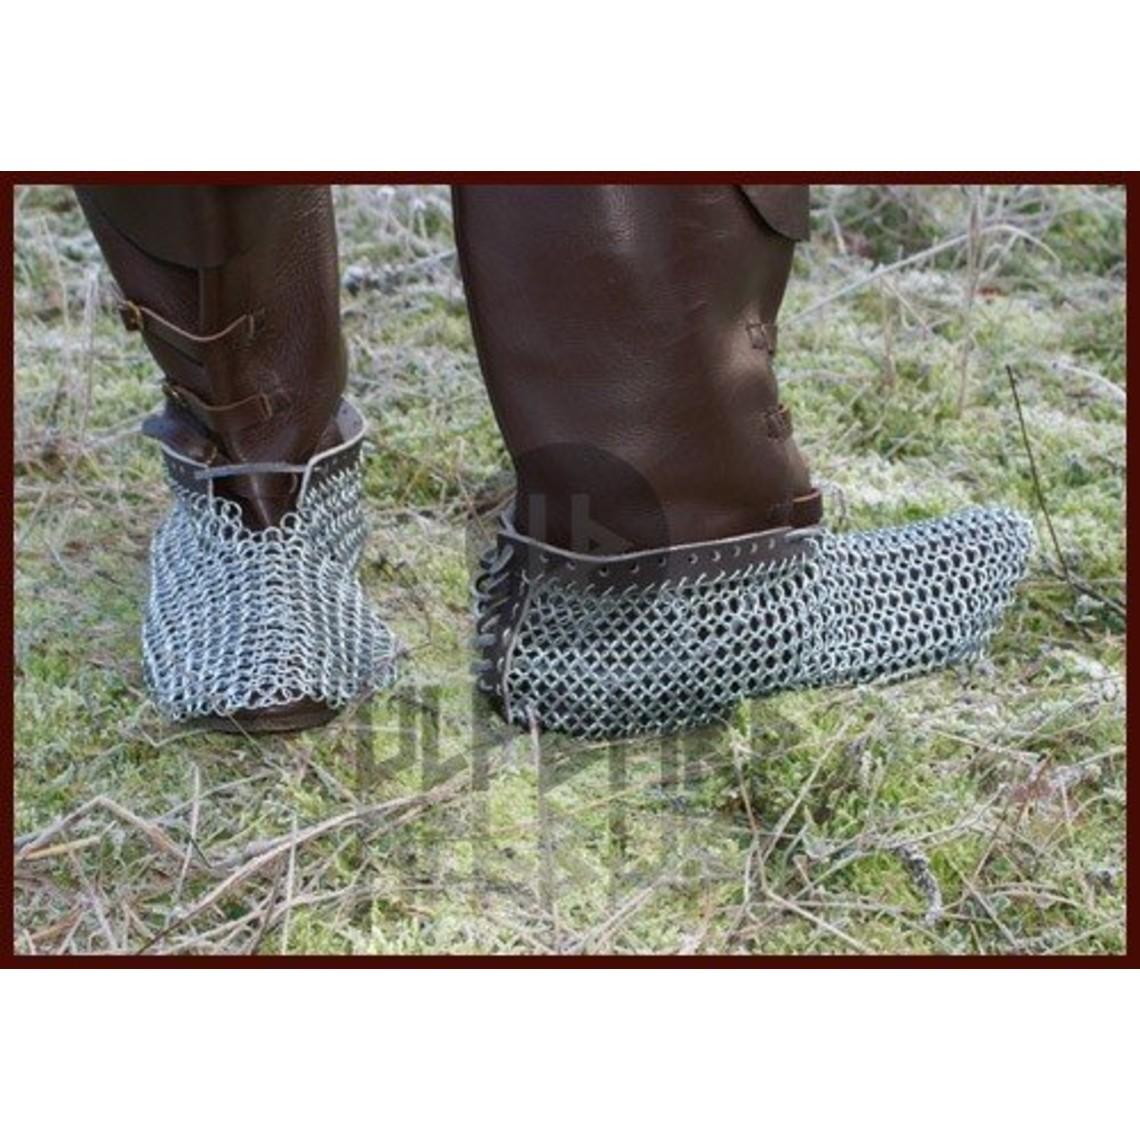 Ulfberth Escarpes cota de malla, galvanizada, 8 mm